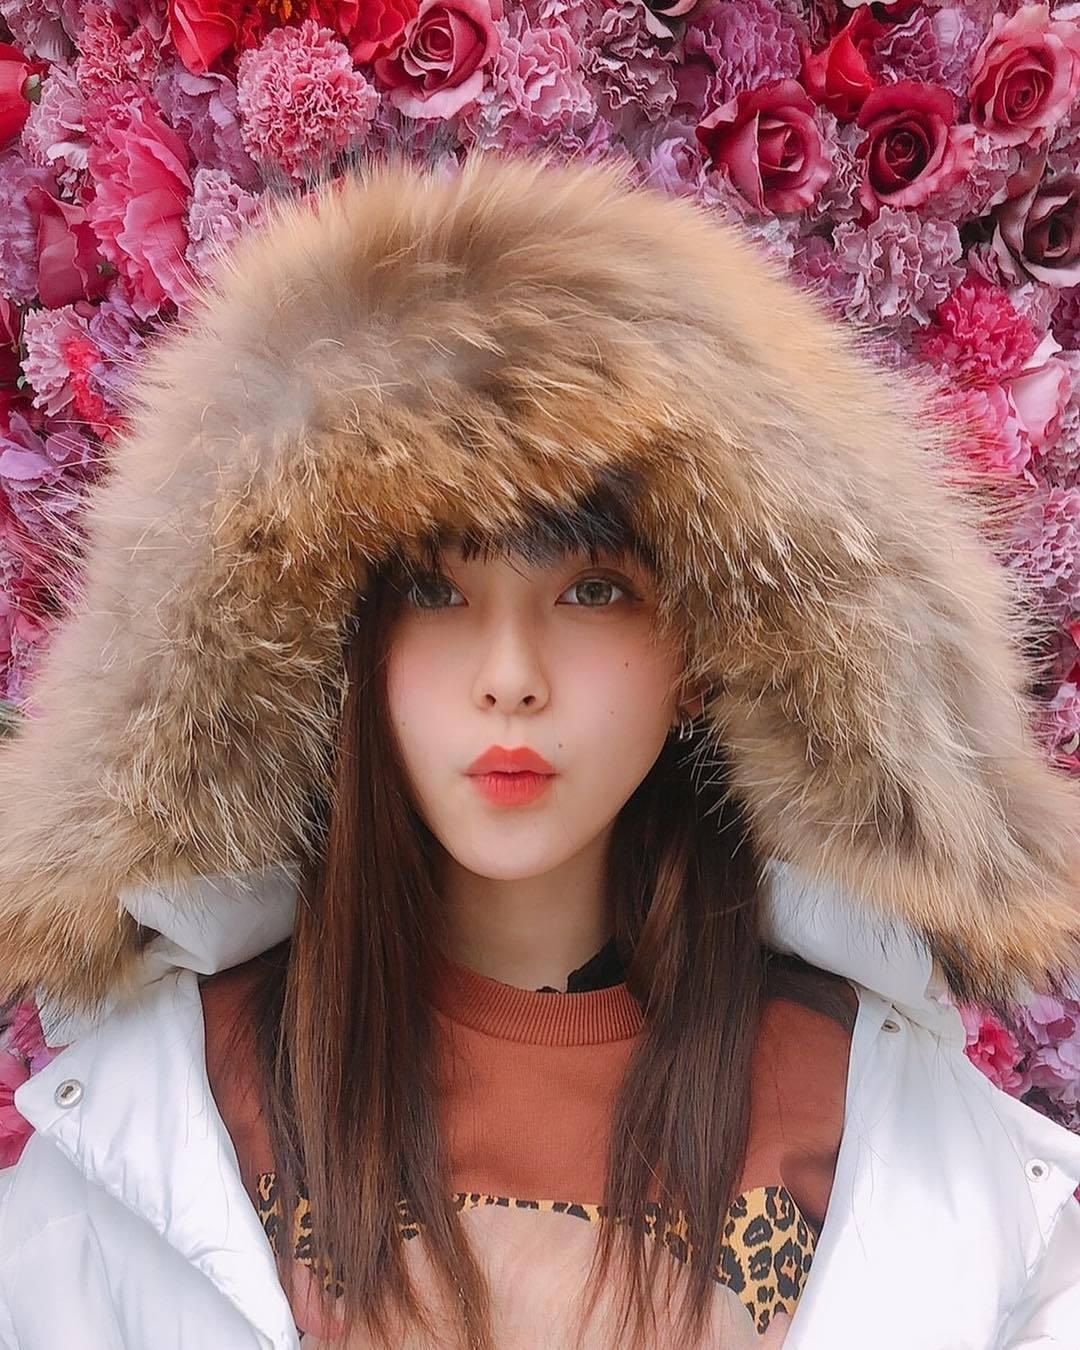 今年刚高中毕业 18 岁美少女樱井音乃身材整个无敌 网络美女 第6张